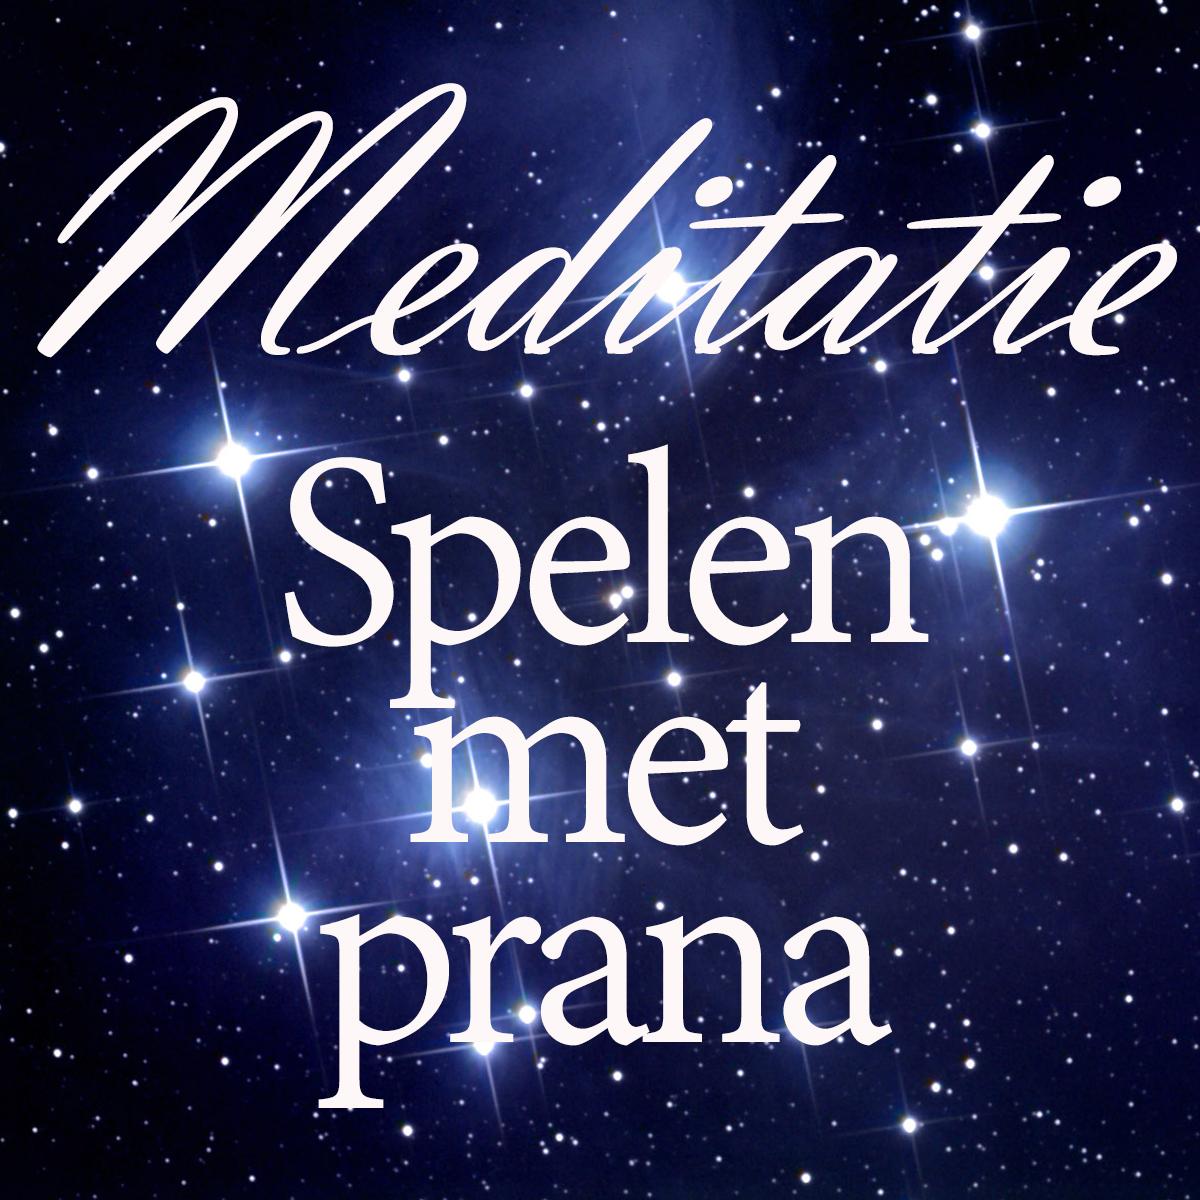 Meditatie   Spelen met prana